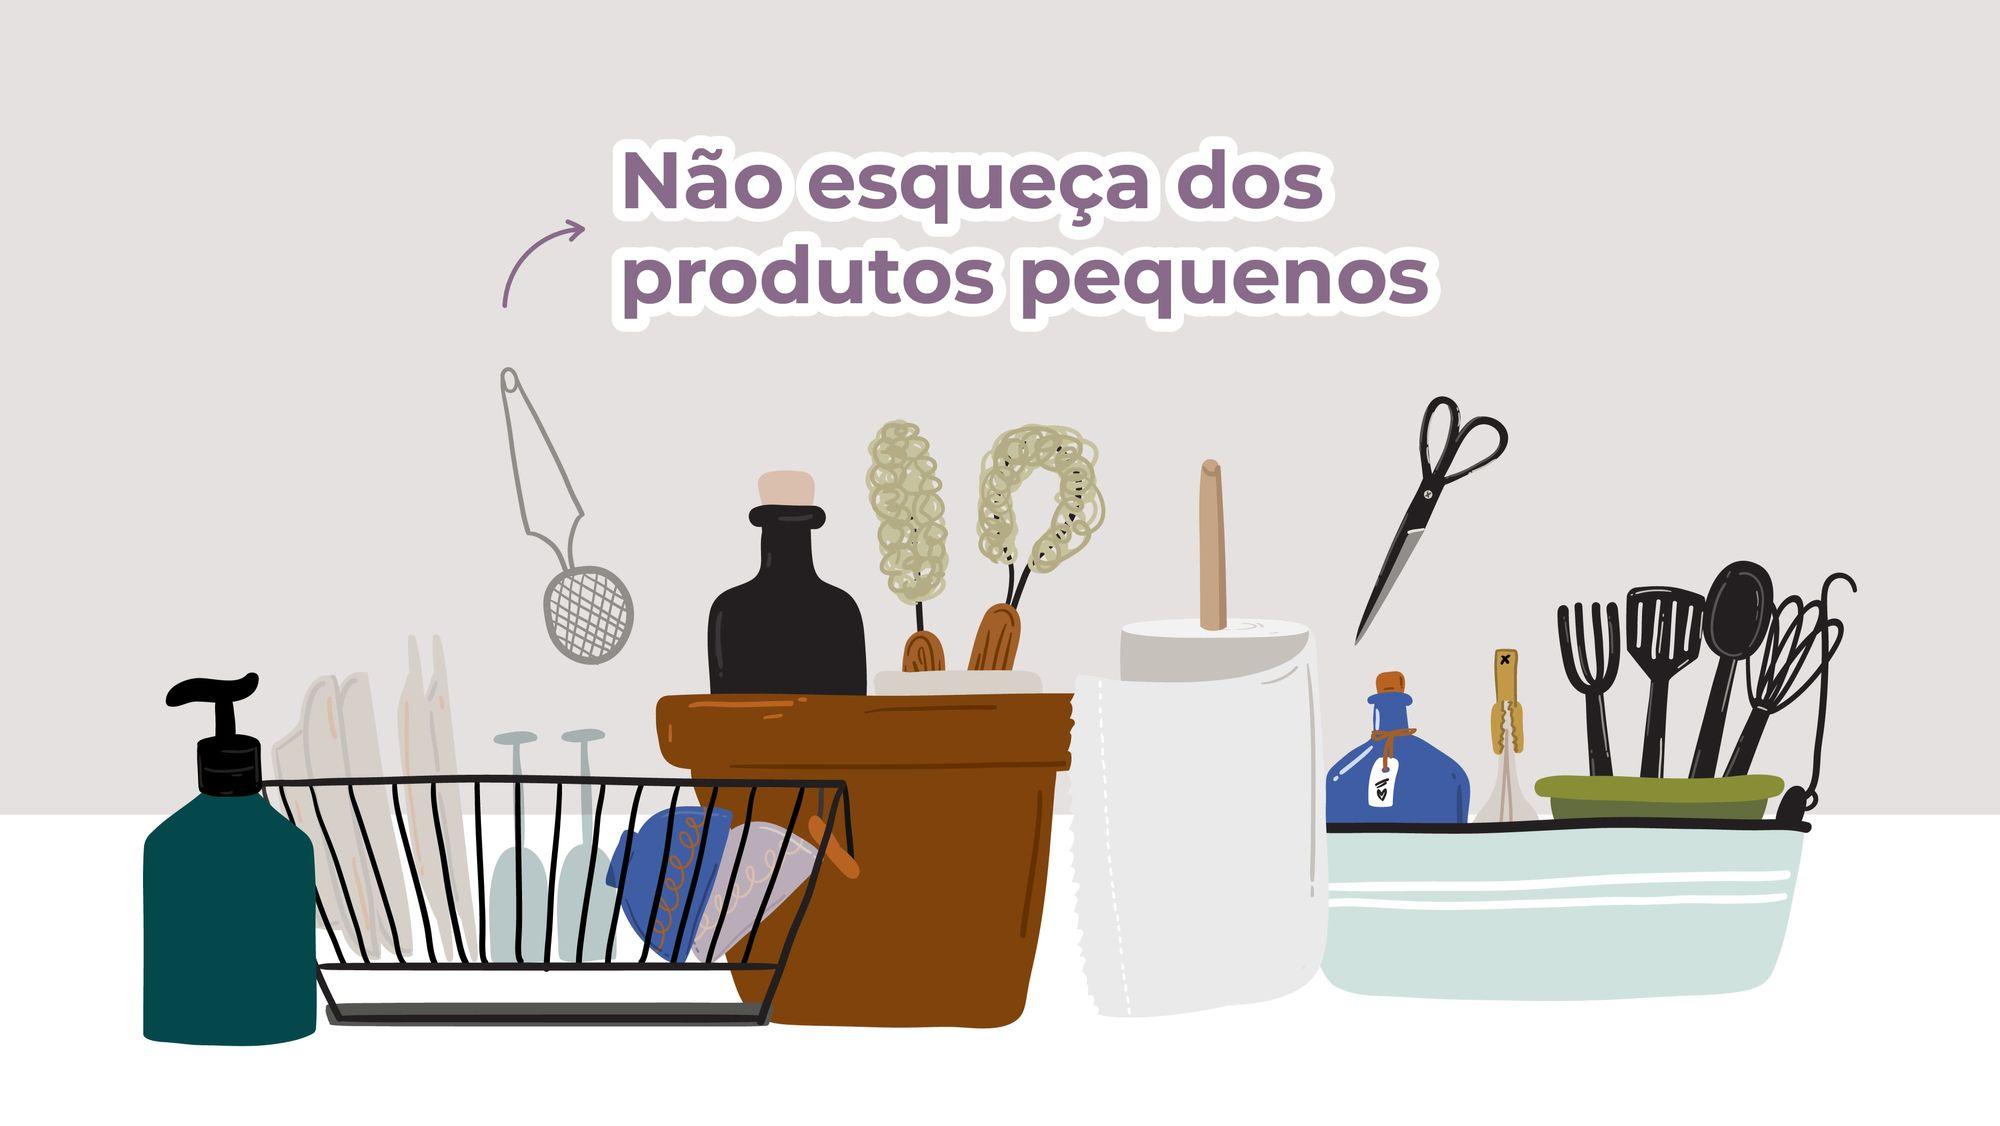 Ilustração de utensílios de casa e cozinha